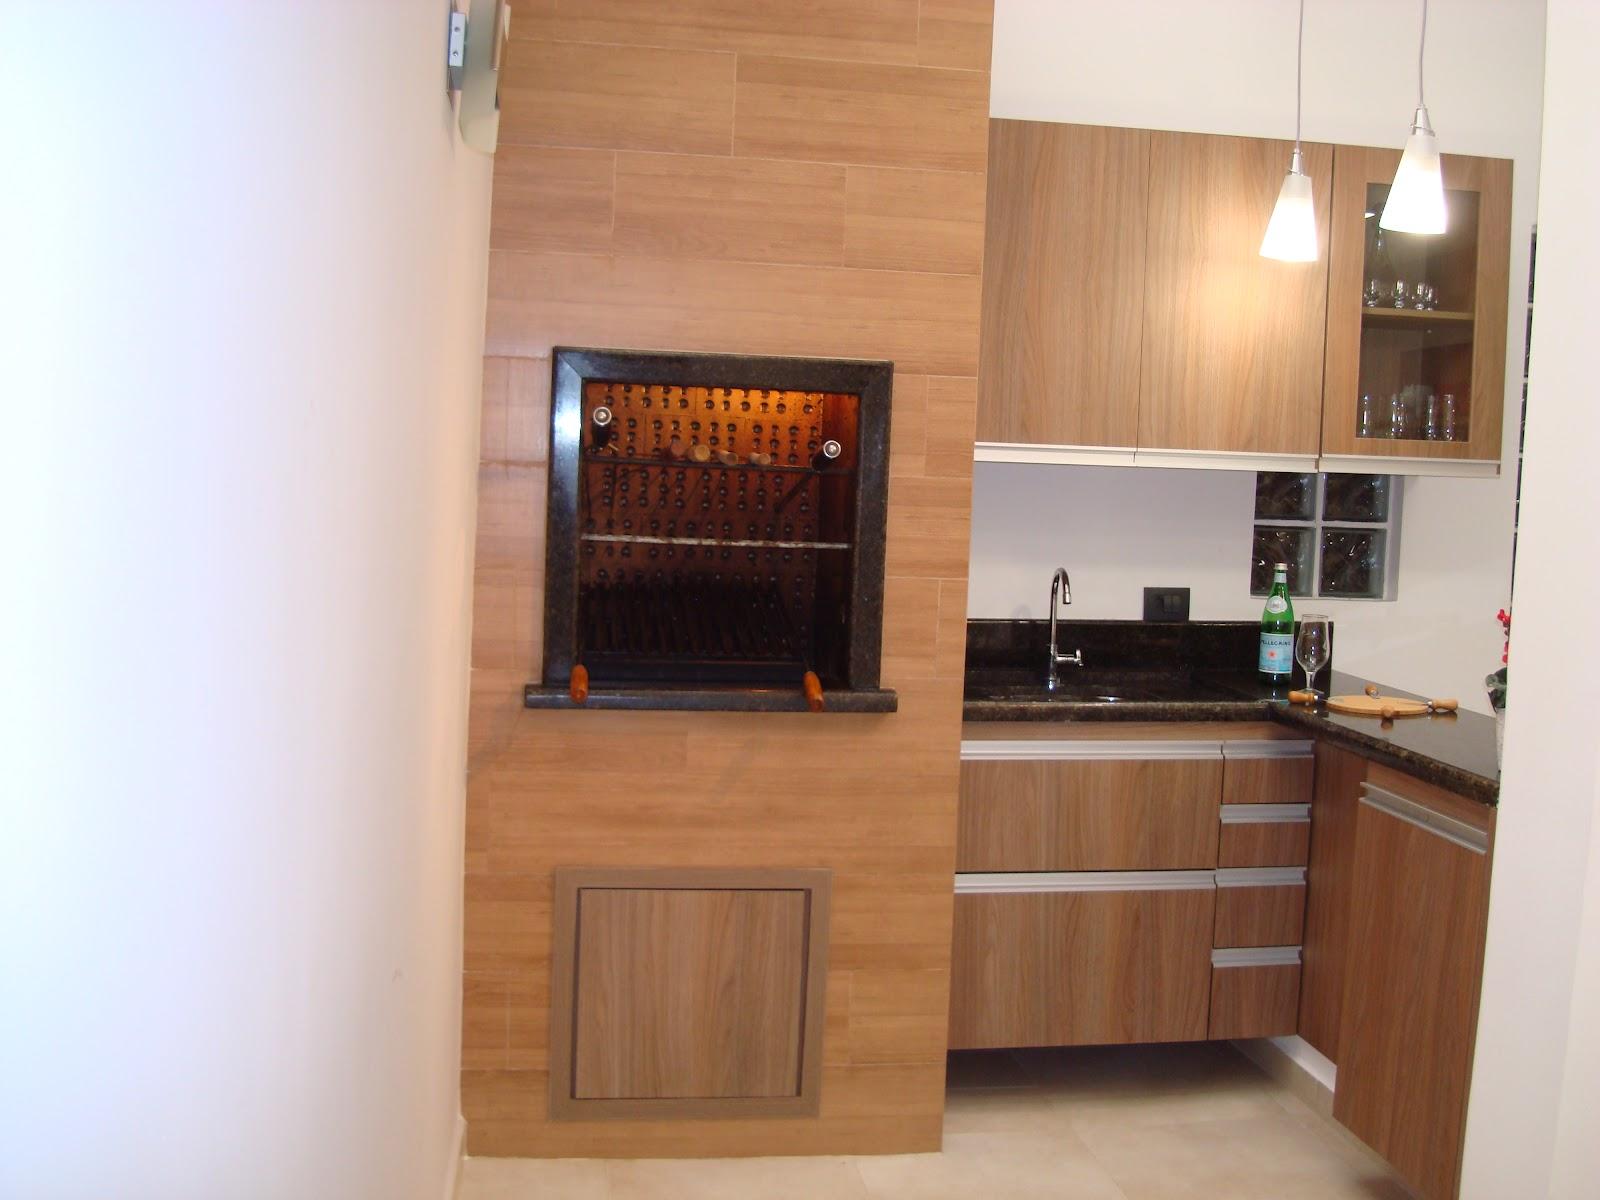 projetos churrasqueiras pequenos espaços #B34C0F 1600 1200